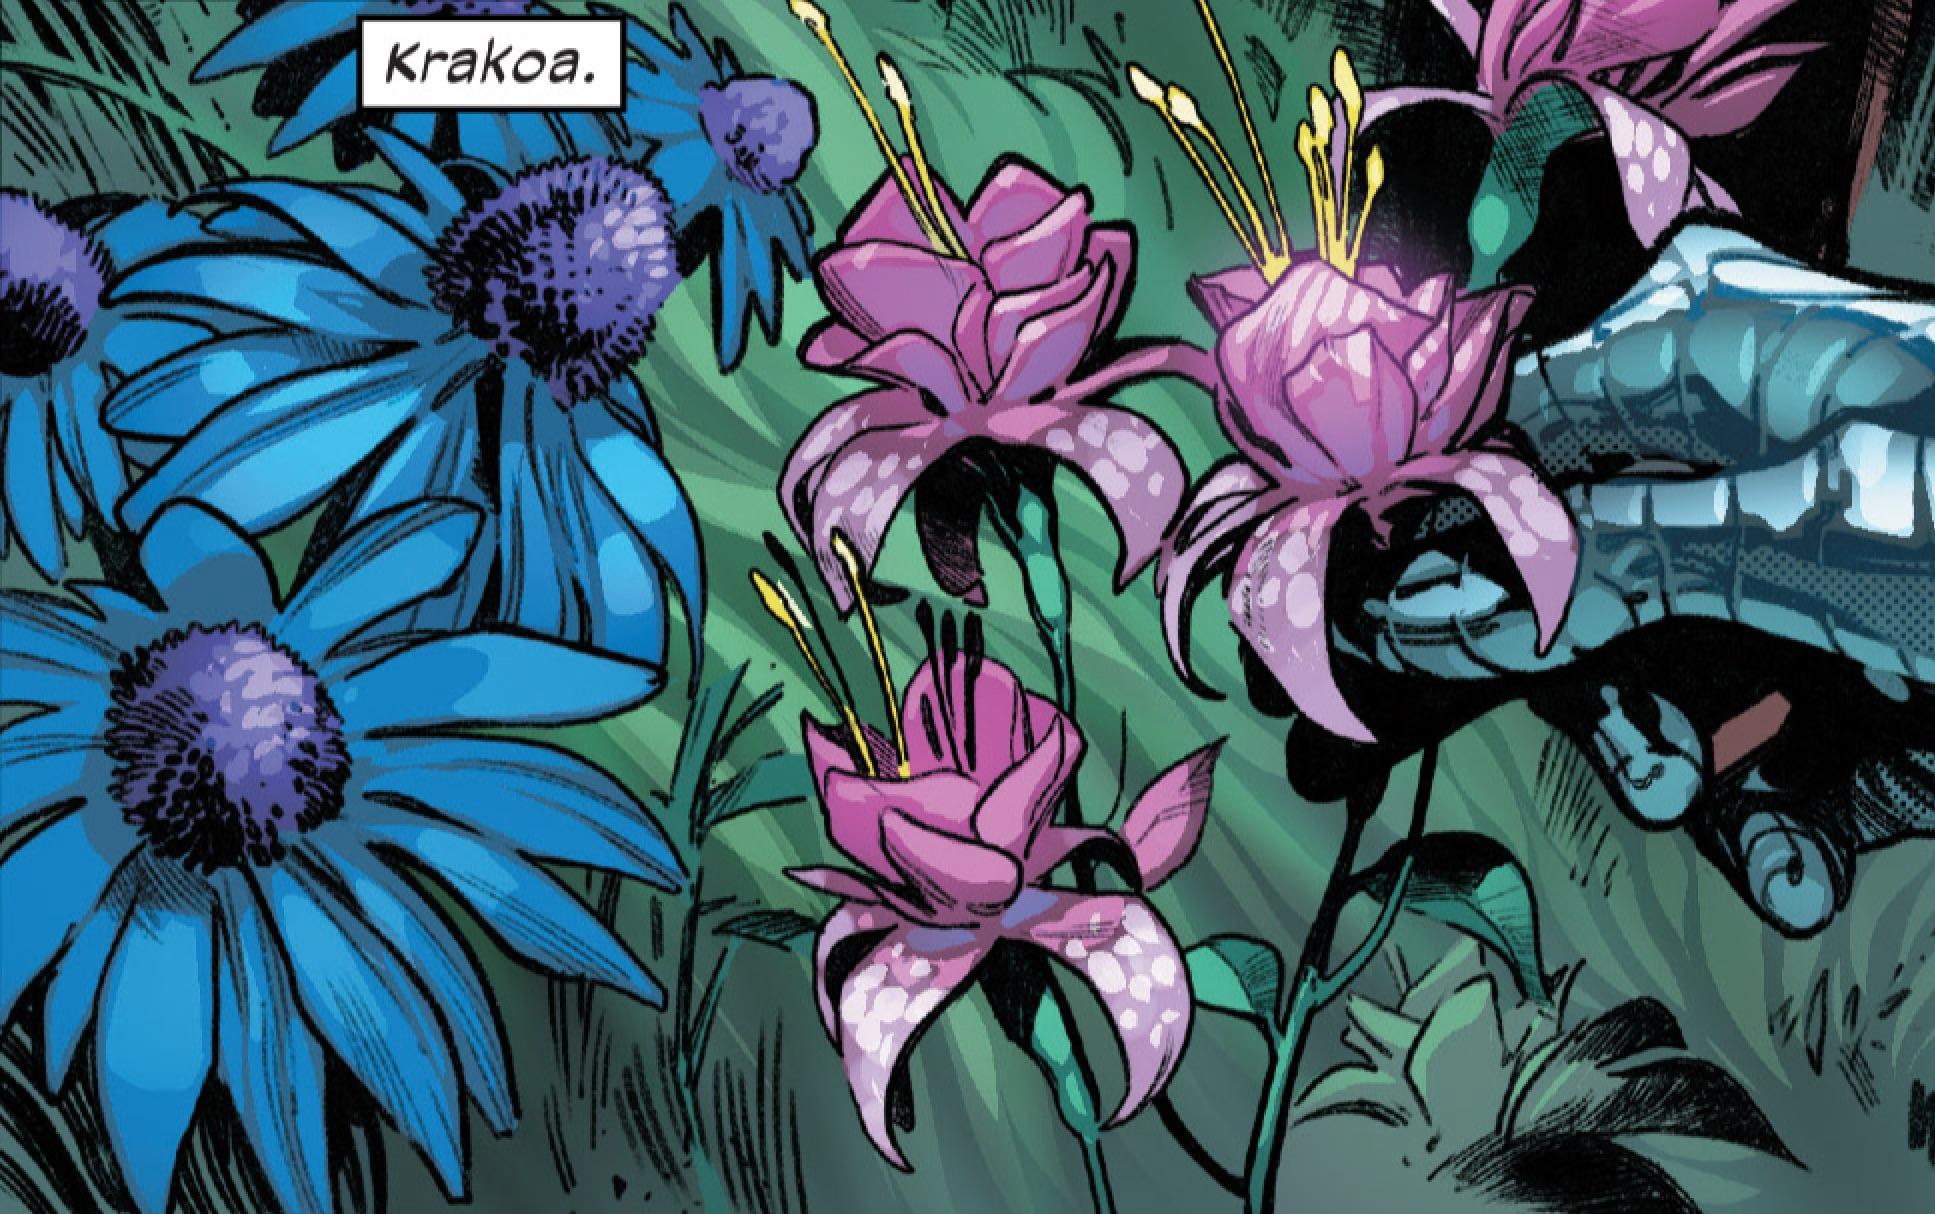 Flowers of Krakoa